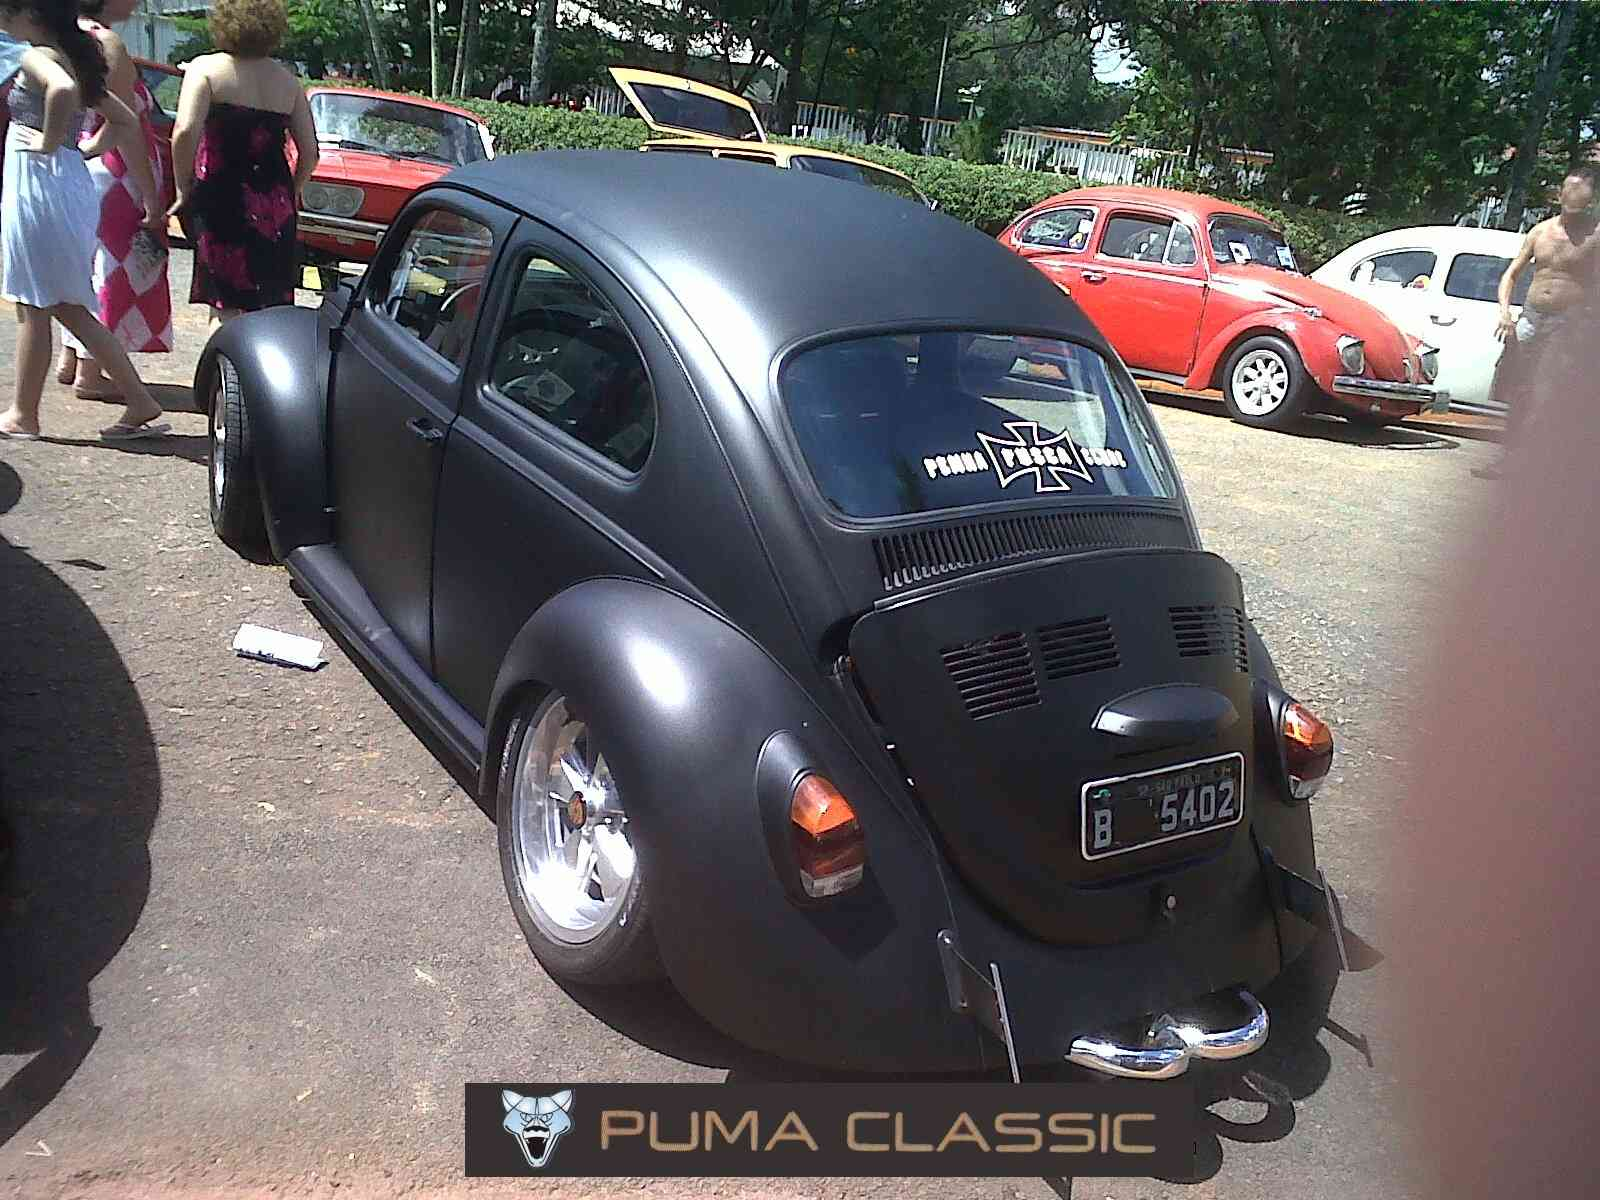 Puma Classic: Desrespeito - Placa Preta